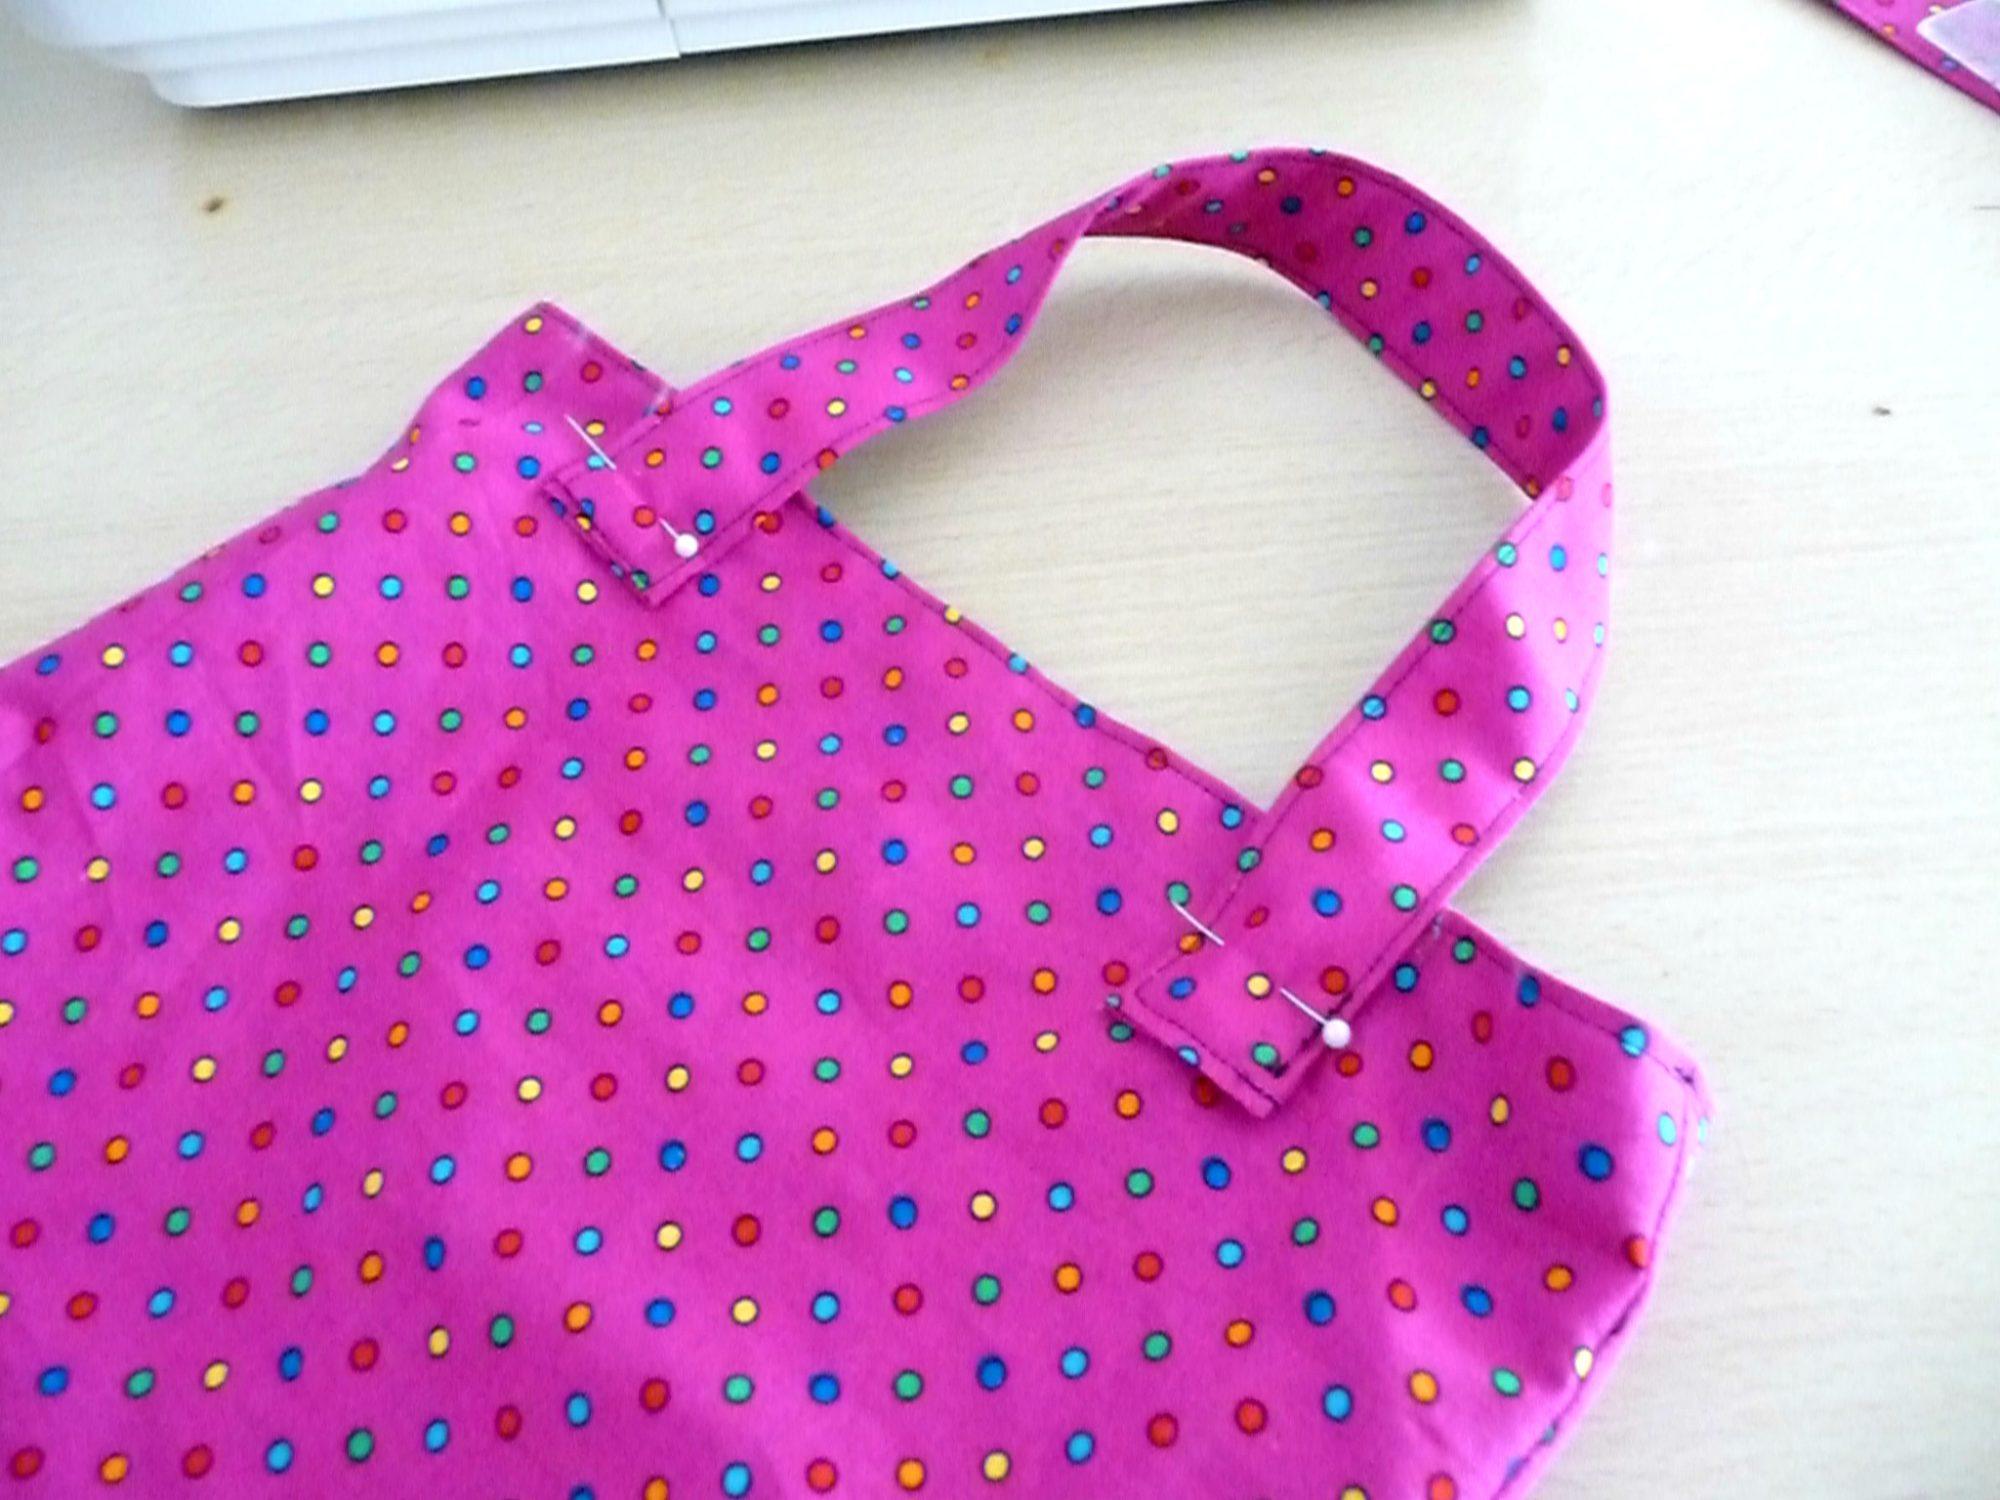 Attach straps to bag